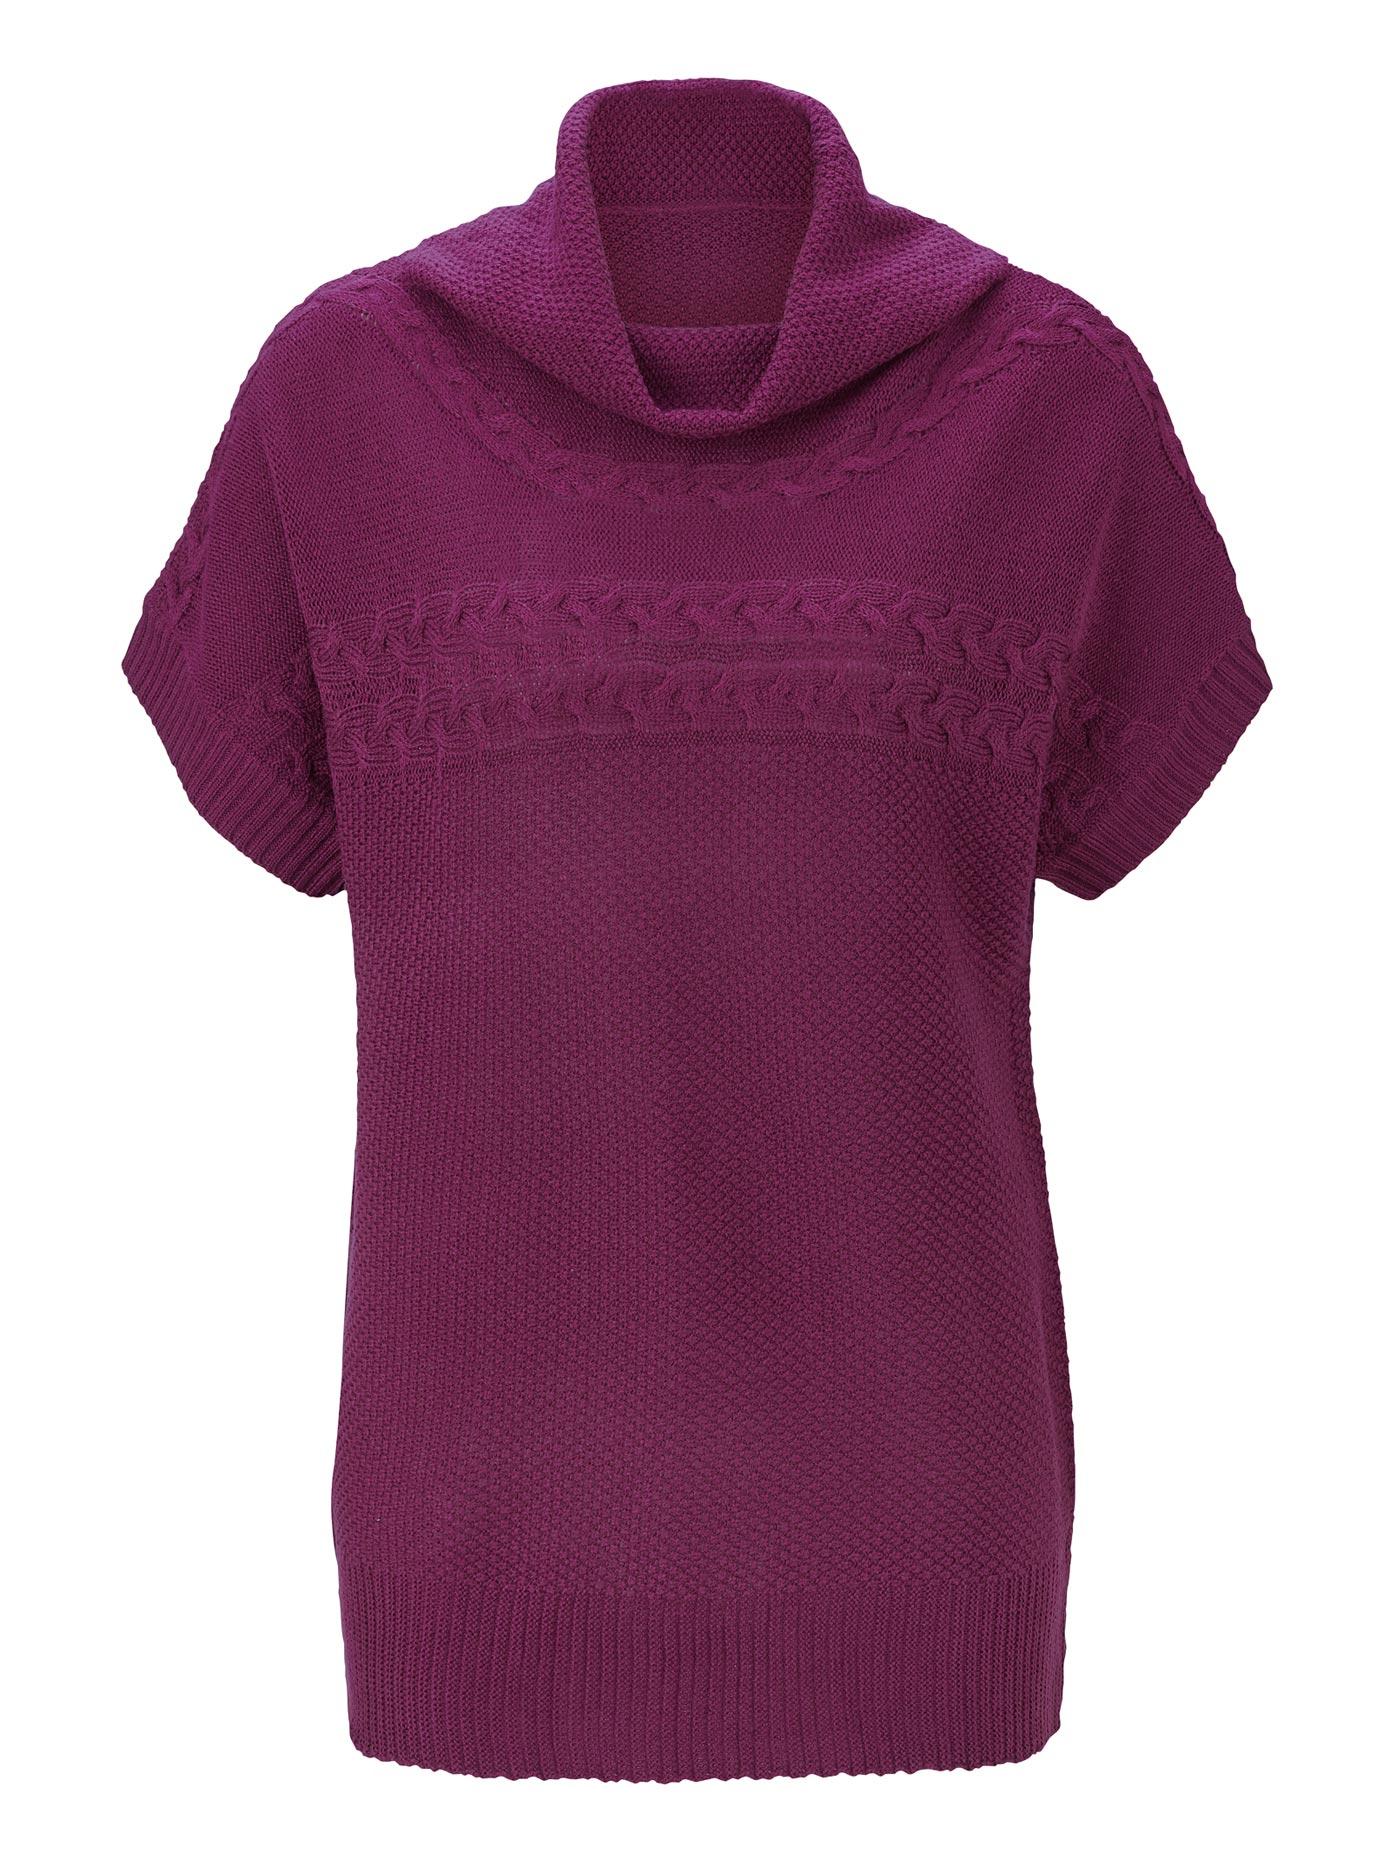 Classic Basics Pullunder mit schmeichelndem halsfernem Rollkragen | Bekleidung > Pullover > Pullunder | Lila | Classic Basics